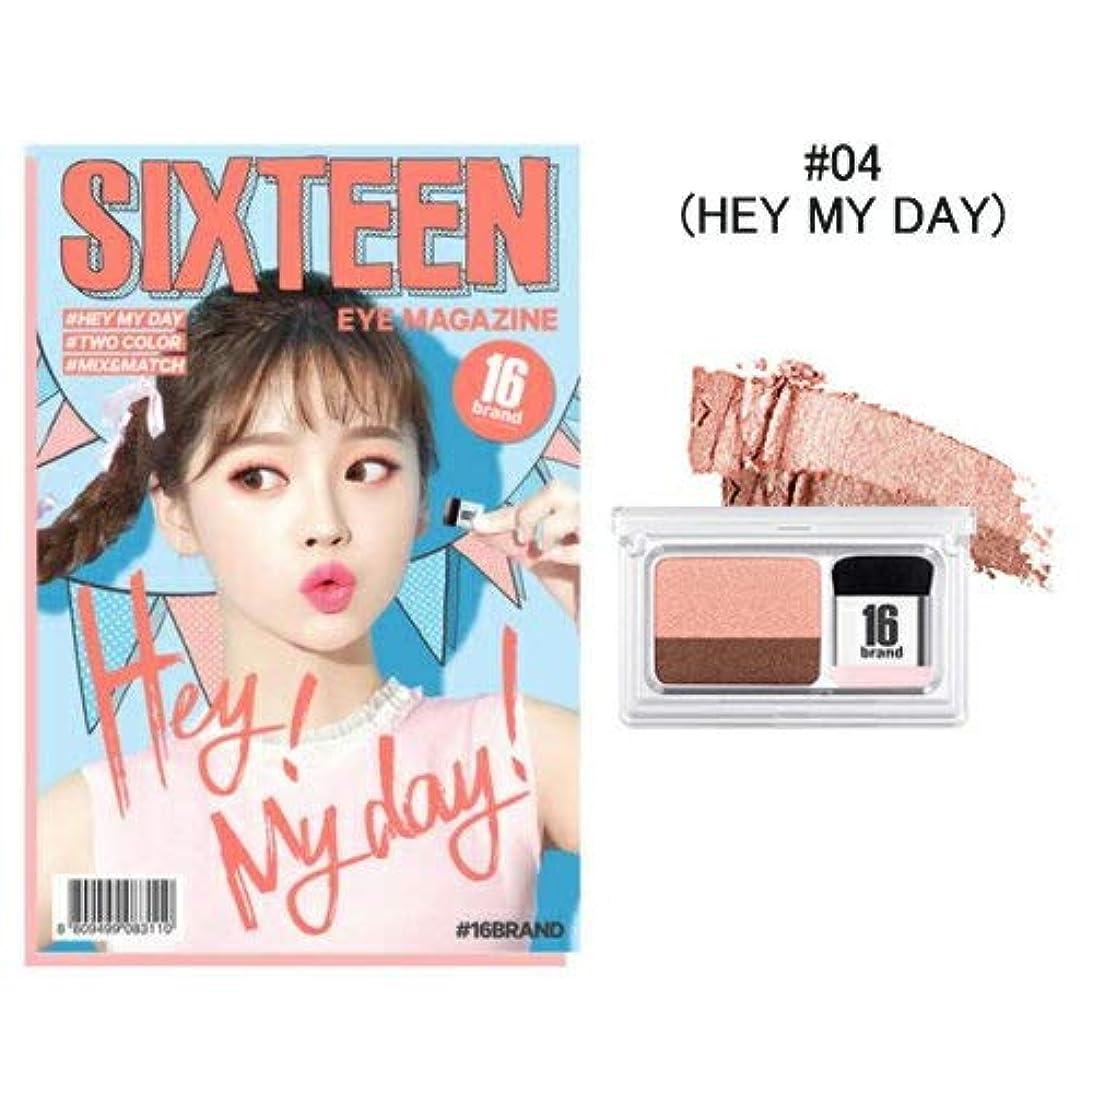 八百屋なだめるボイコット[New Color] 16brand Sixteen Eye Magazine 2g /16ブランド シックスティーン アイ マガジン 2g (#04 HEY MY DAY) [並行輸入品]